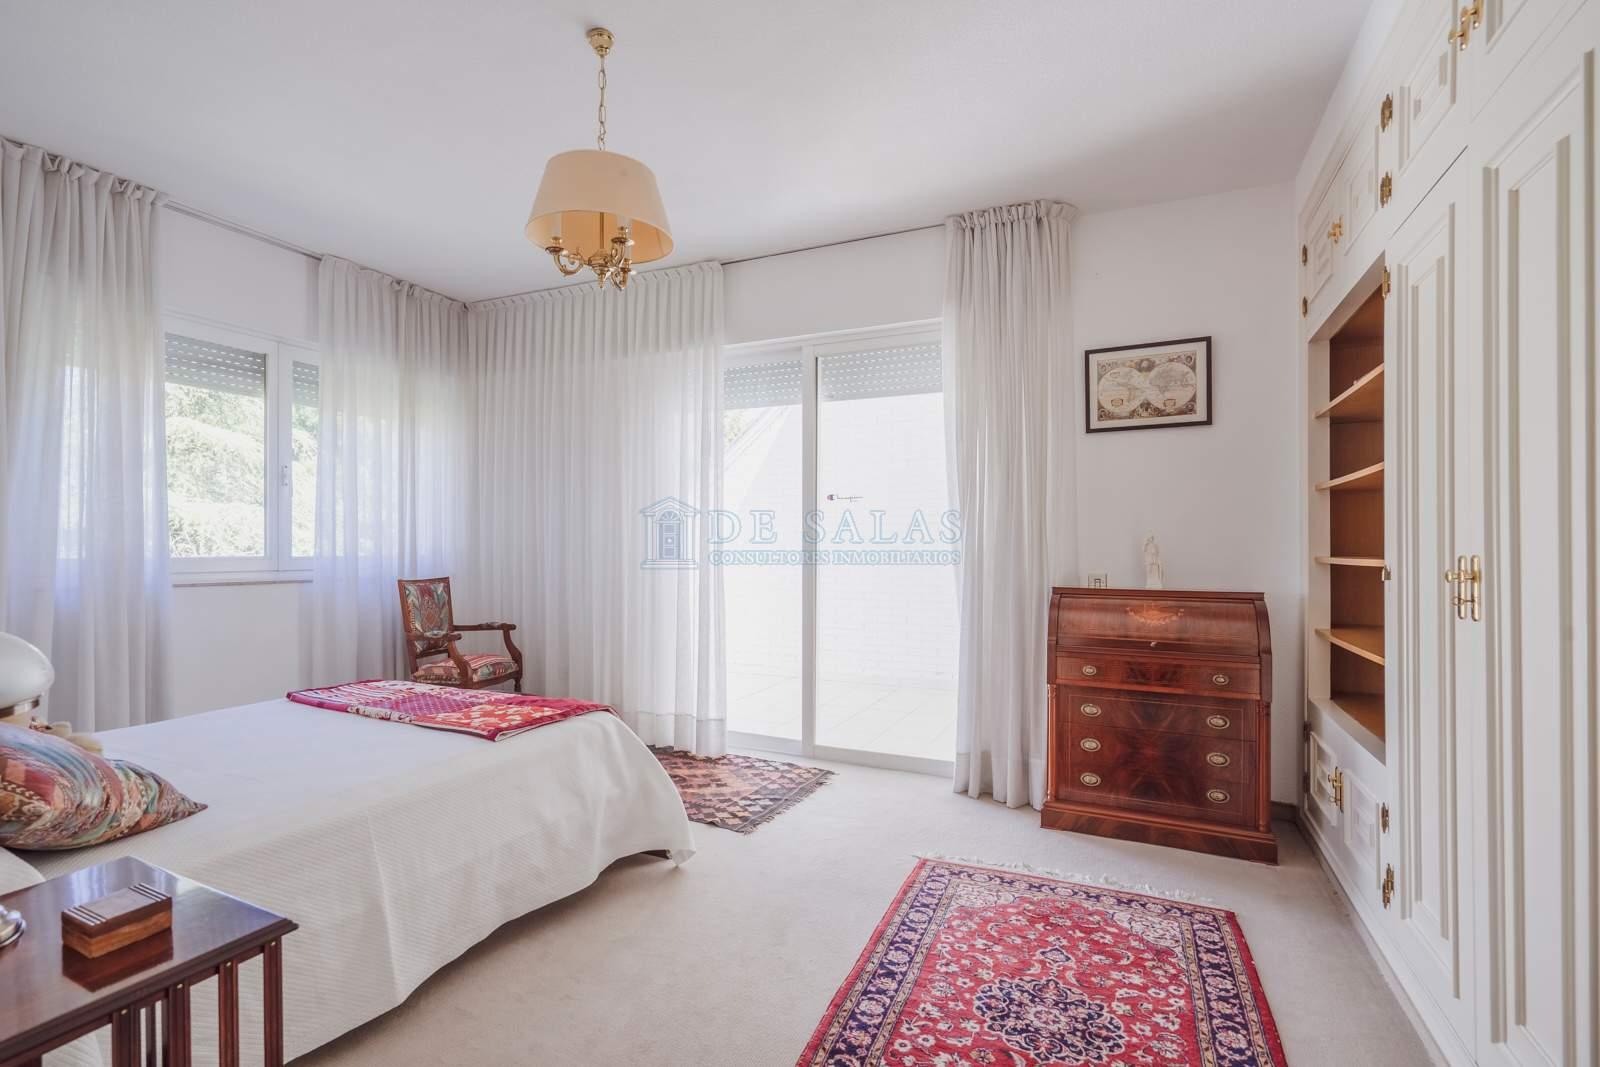 Dormitorio-0042 Maison La Moraleja